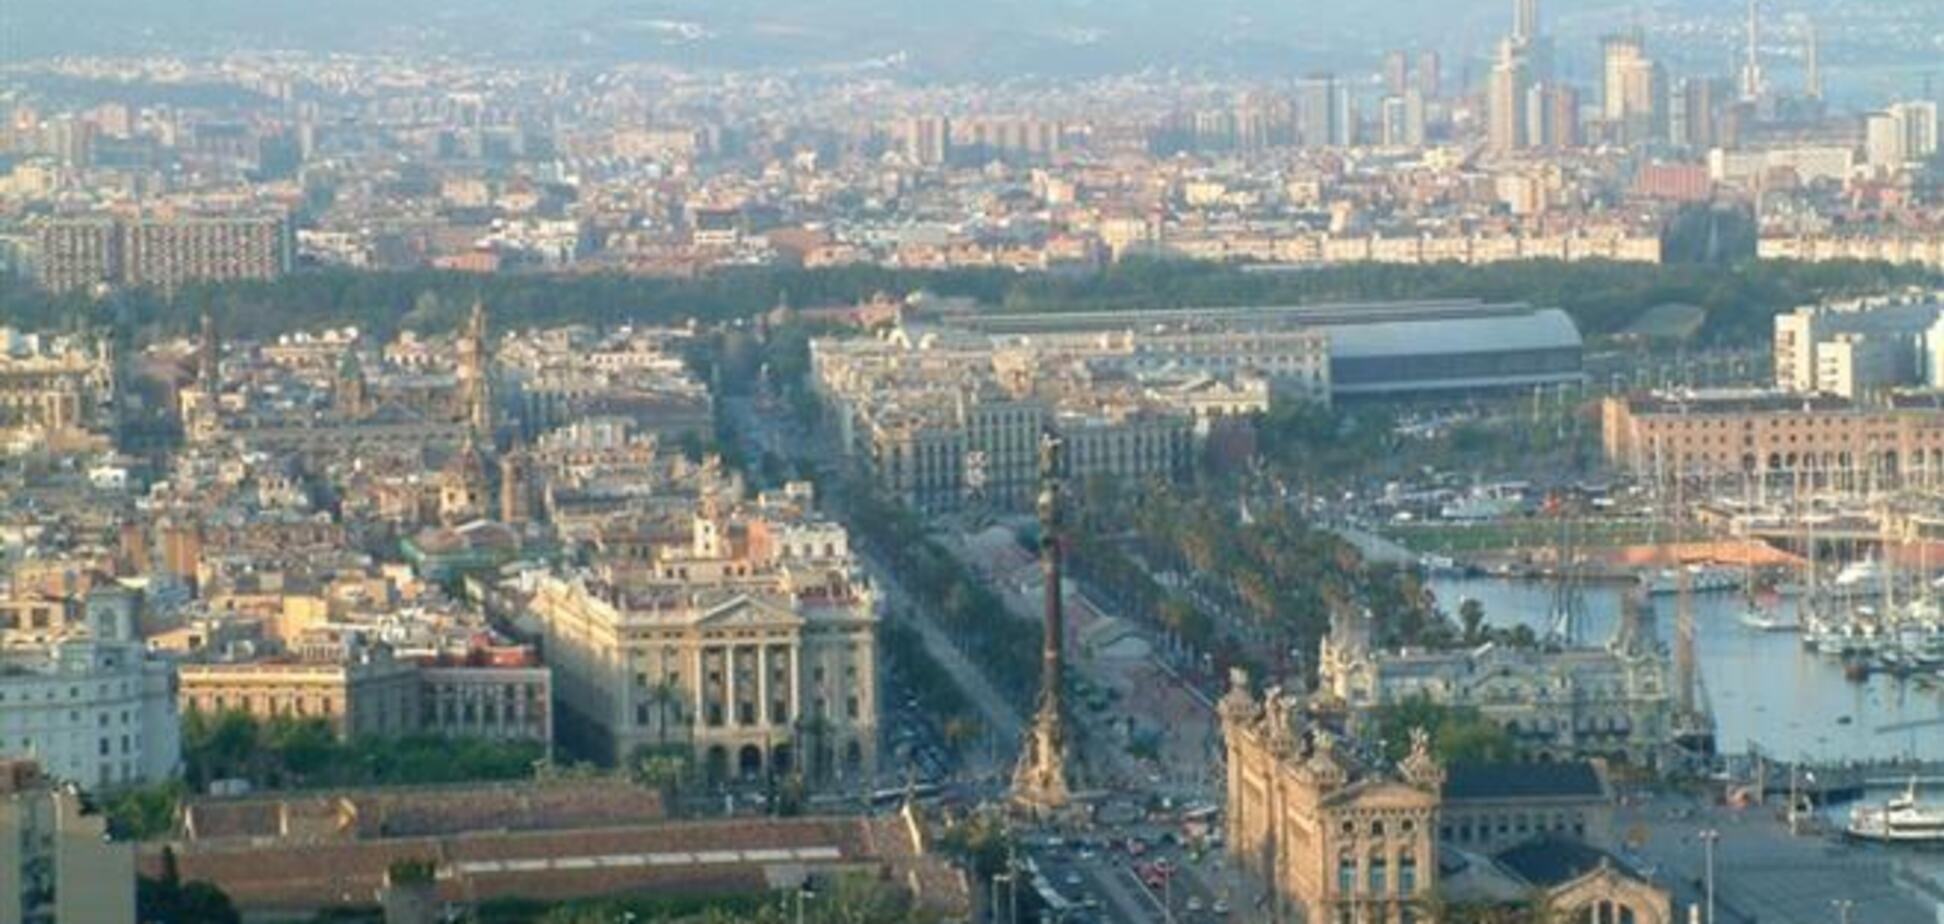 Риэлторы советуют инвесторам покупать недвижимость в Испании